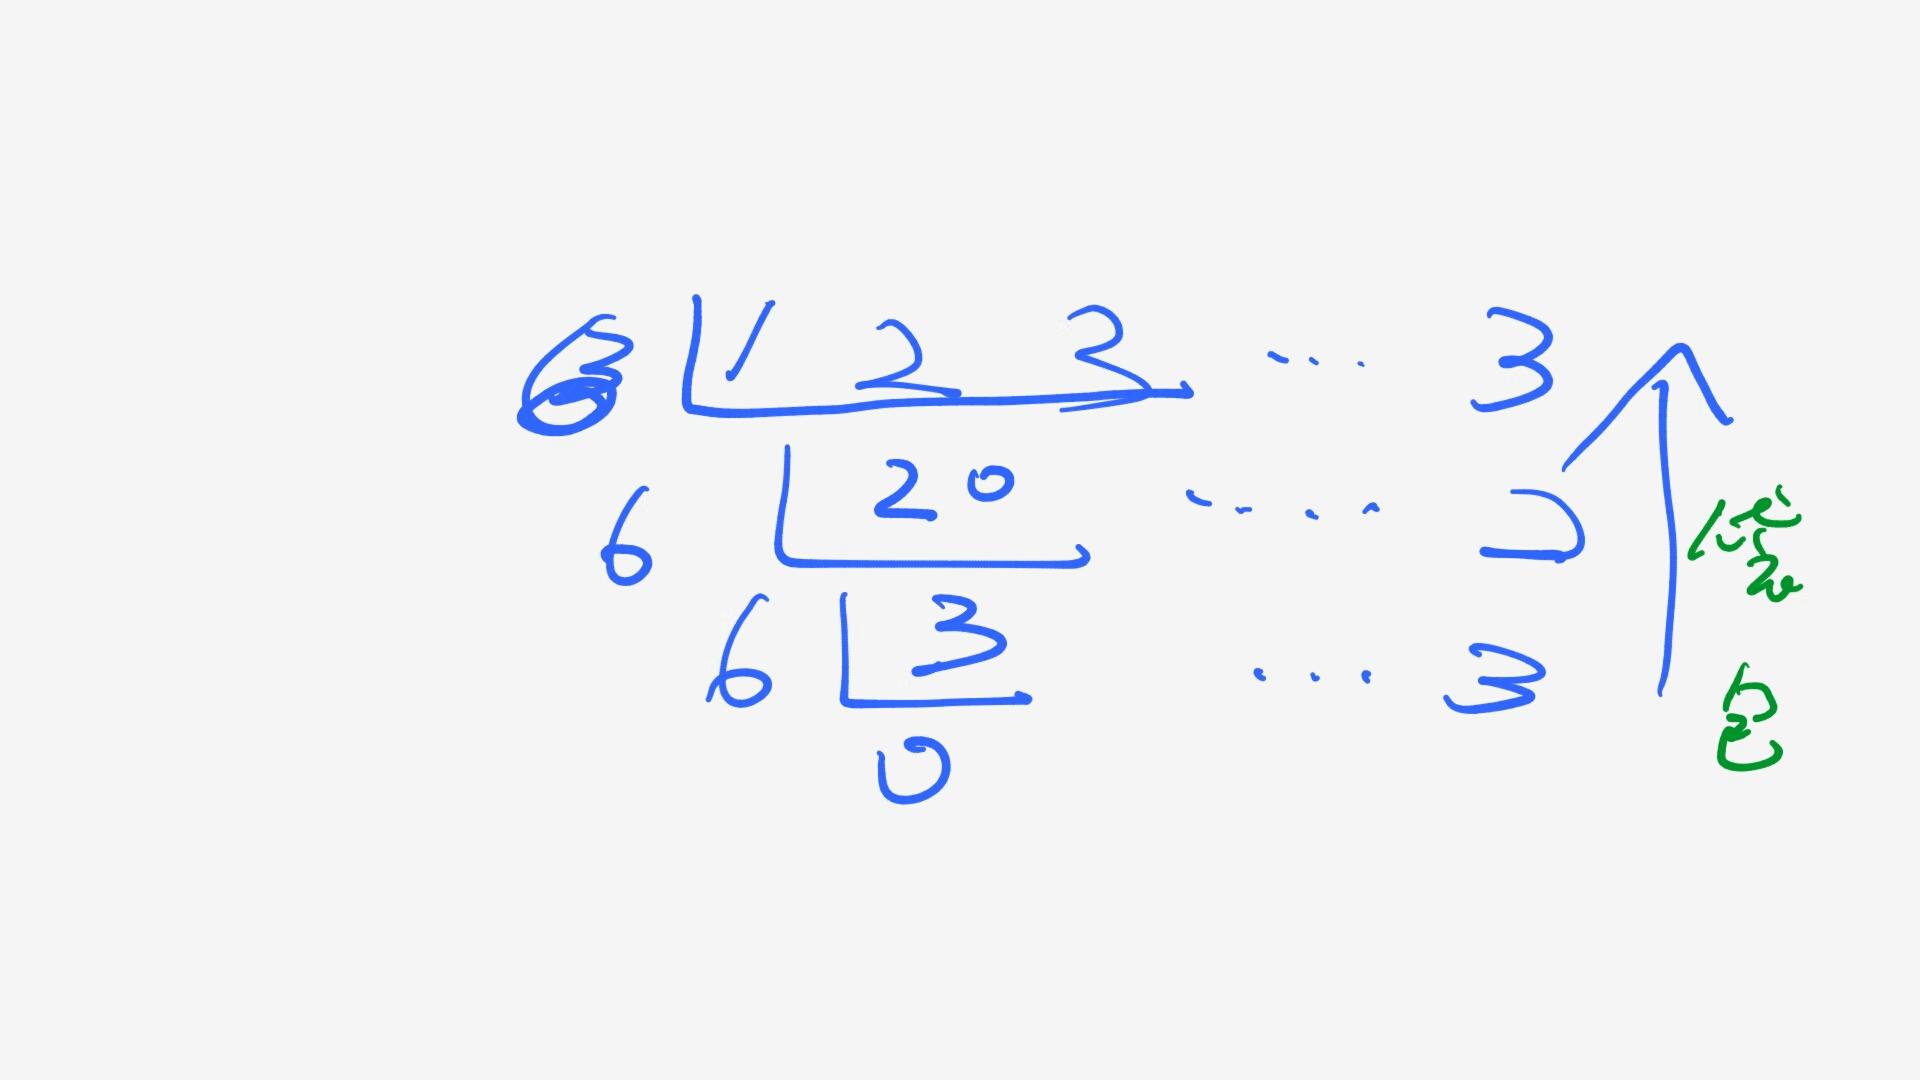 数的奥秘 2_10(1).jpg